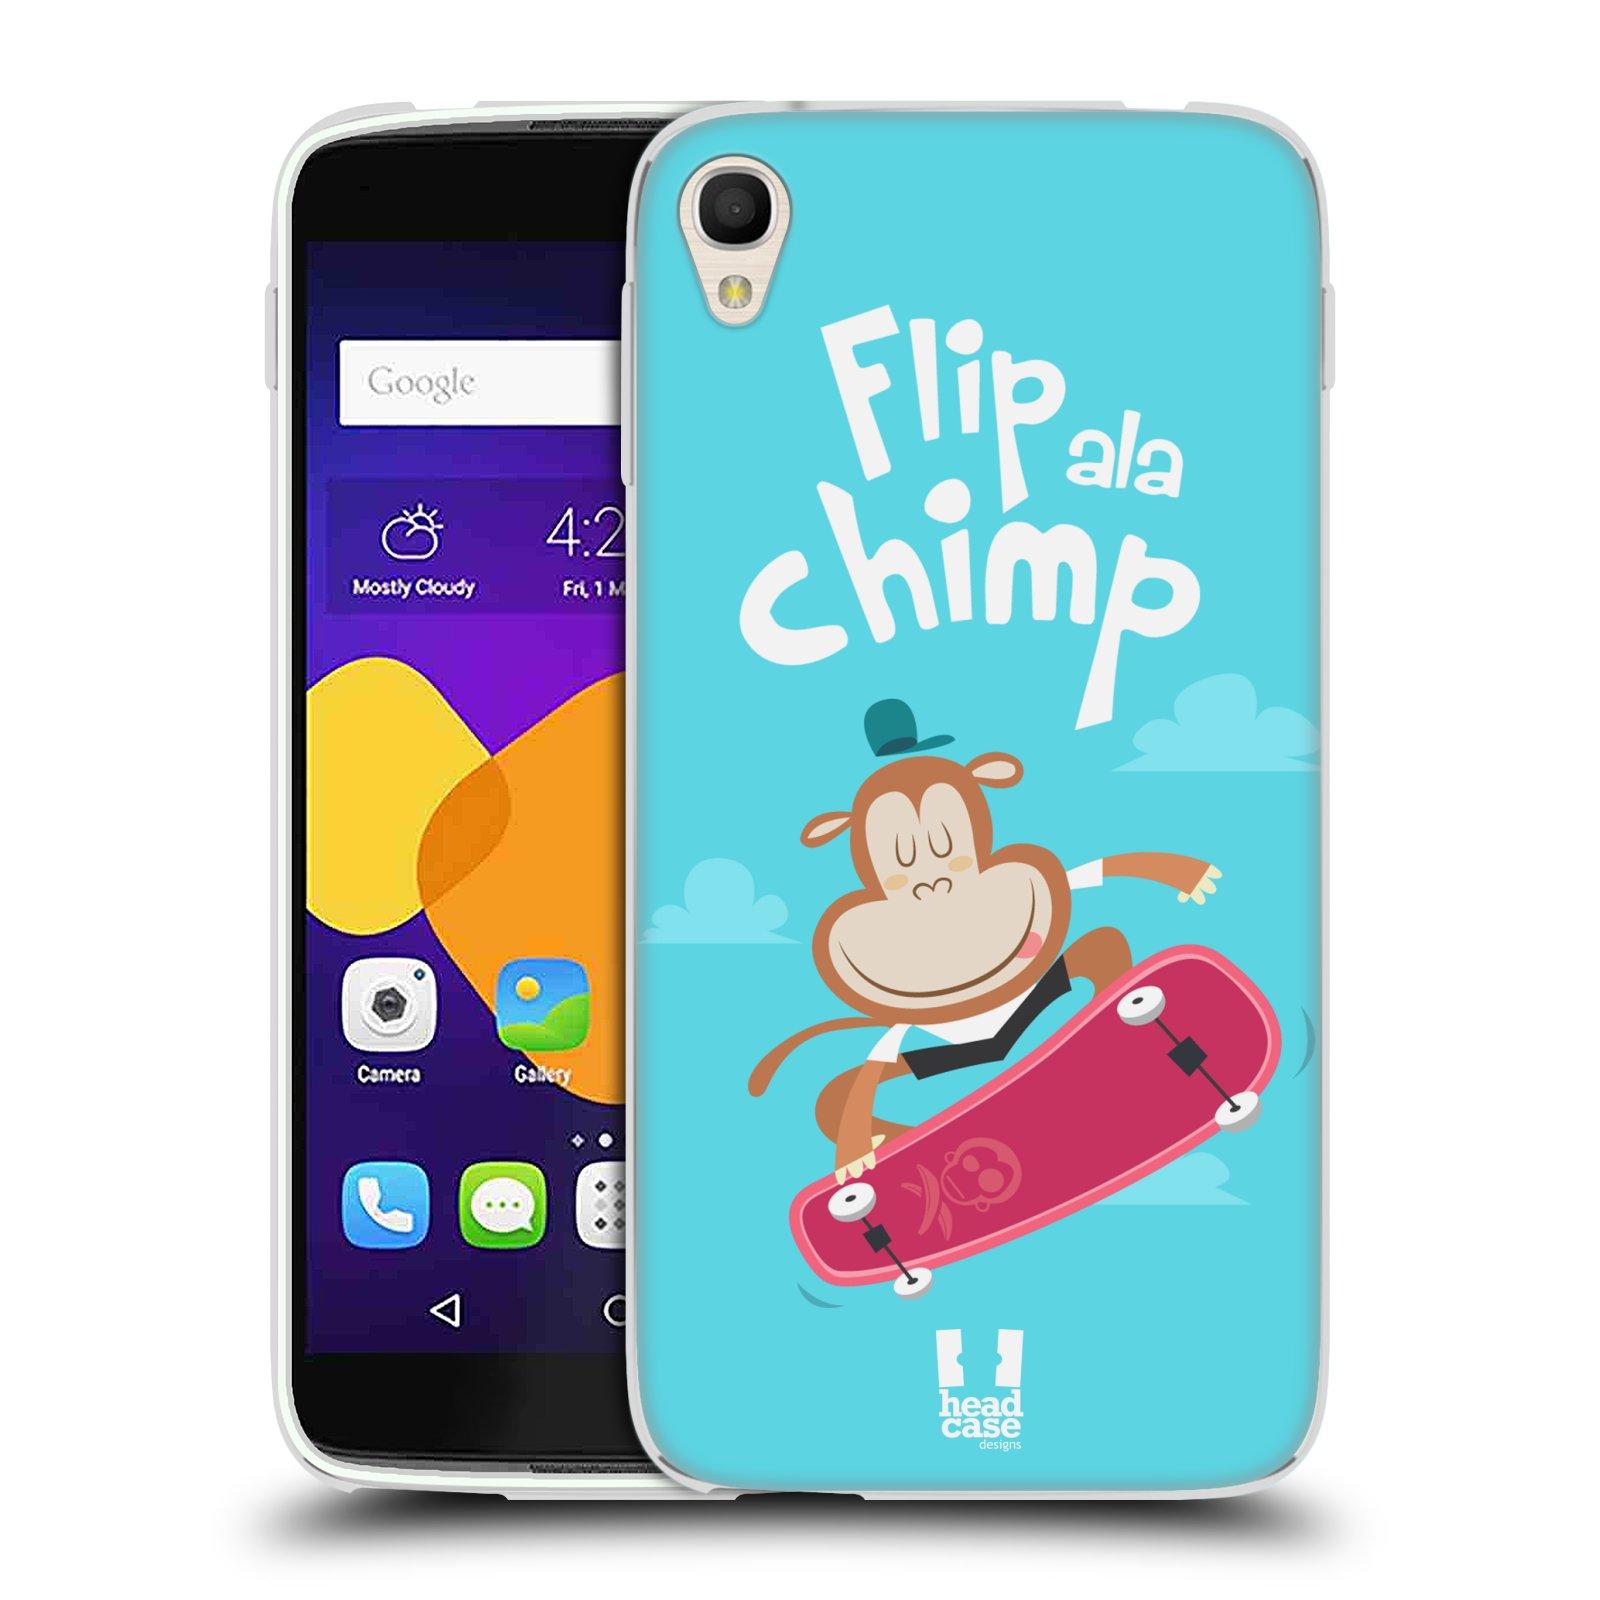 """Silikonové pouzdro na mobil Alcatel One Touch 6045Y Idol 3 HEAD CASE SPORTOVEC OPIČÁK (Silikonový kryt či obal na mobilní telefon Alcatel One Touch Idol 3 OT-6045Y s 5,5"""" displejem)"""